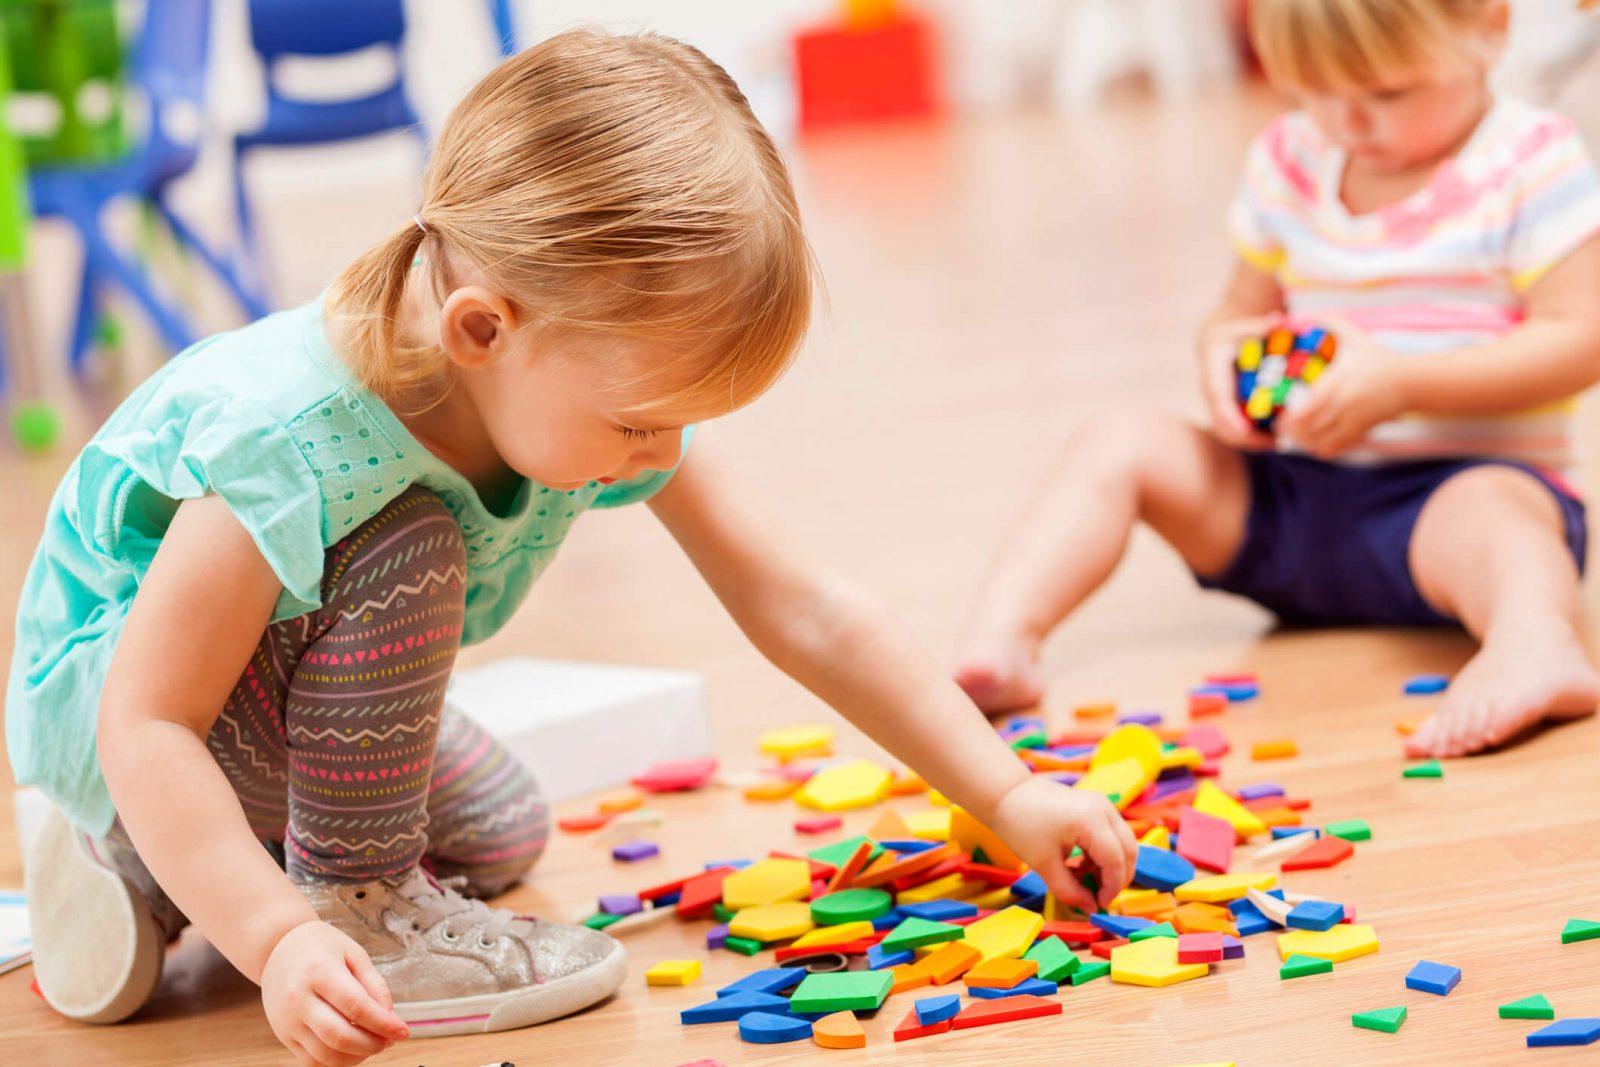 зачем нужны развивающие занятия для ребенка